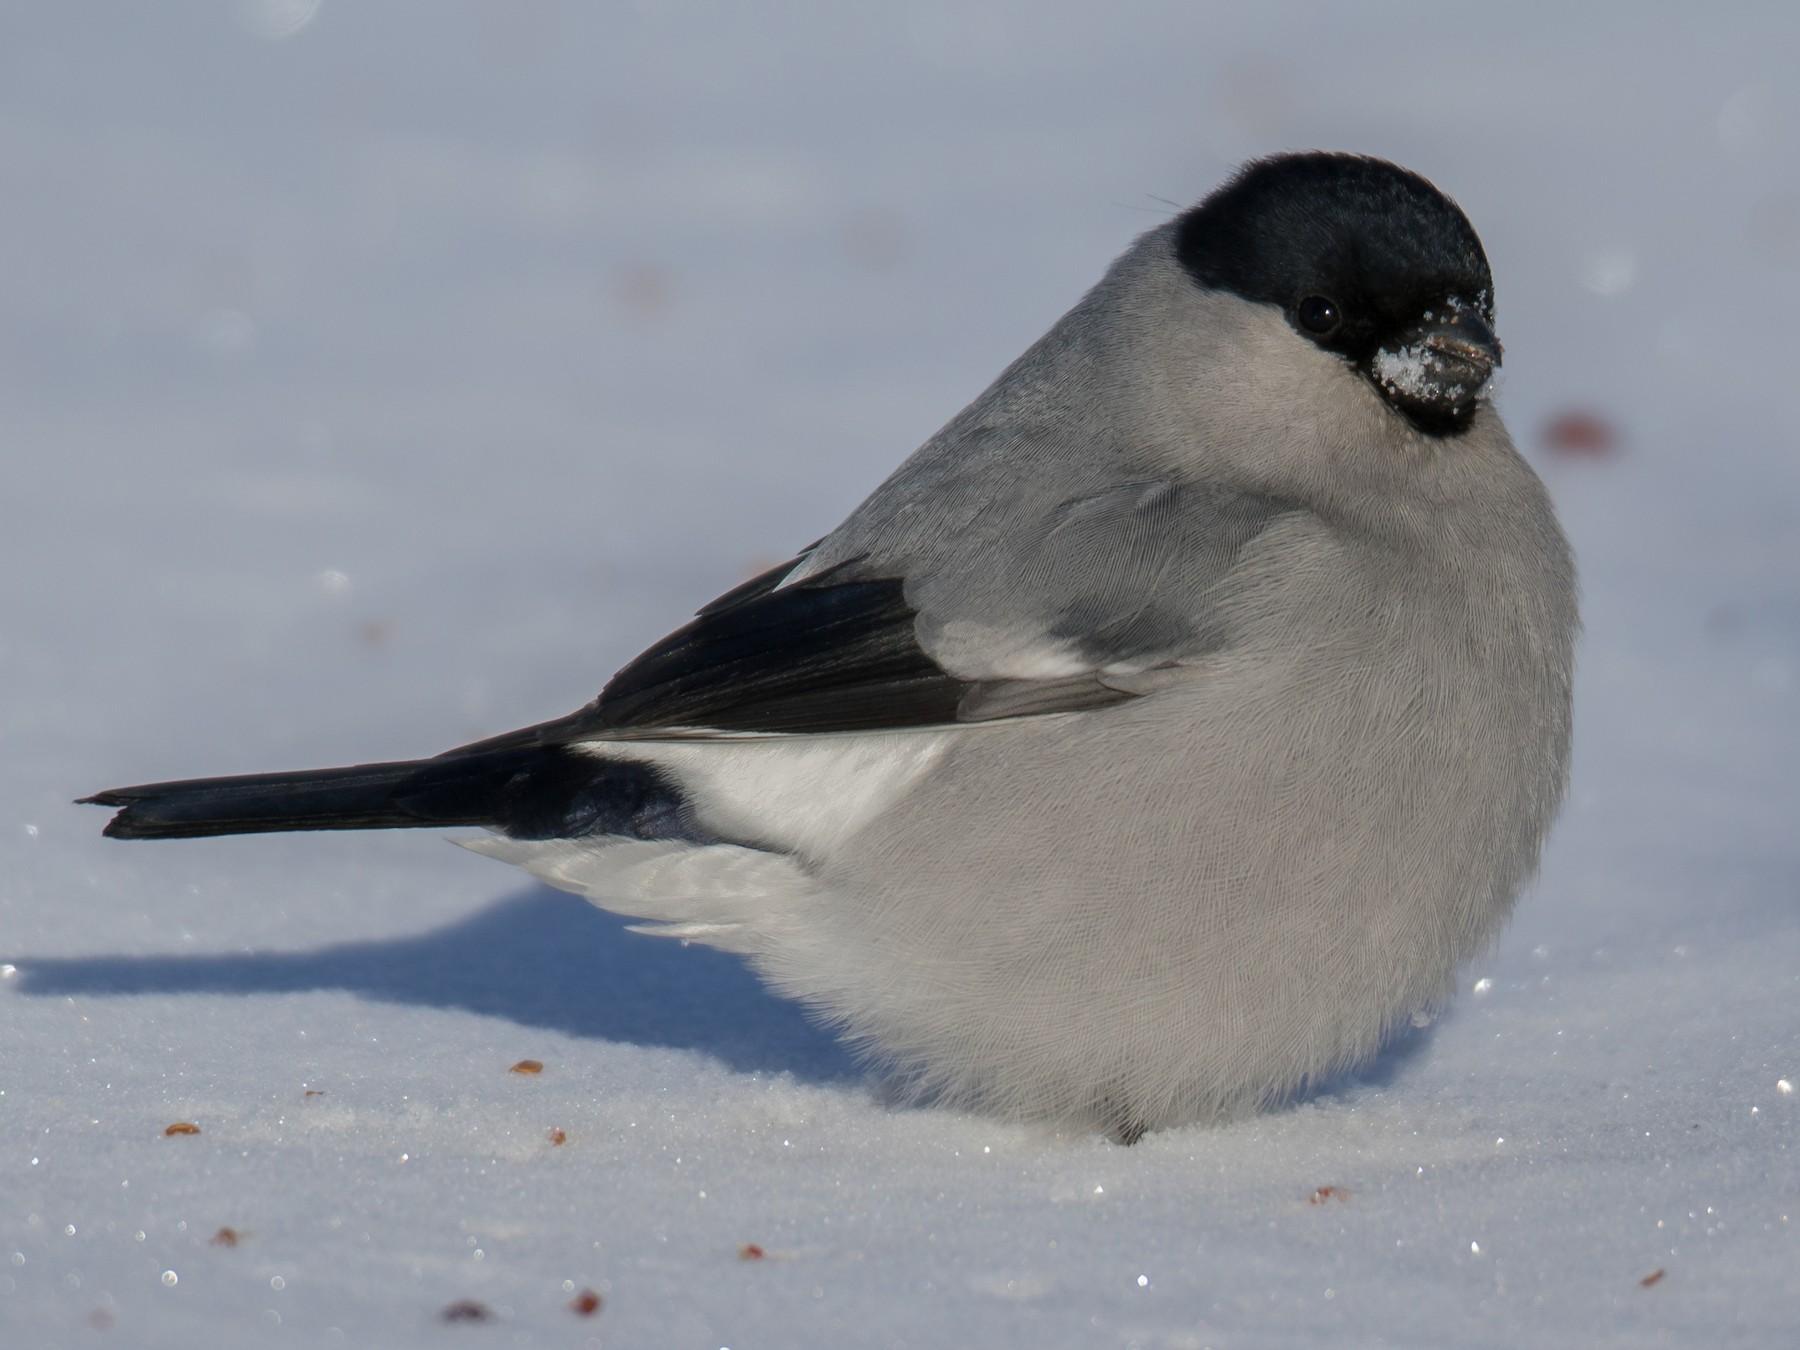 Eurasian Bullfinch - Purevsuren Tsolmonjav